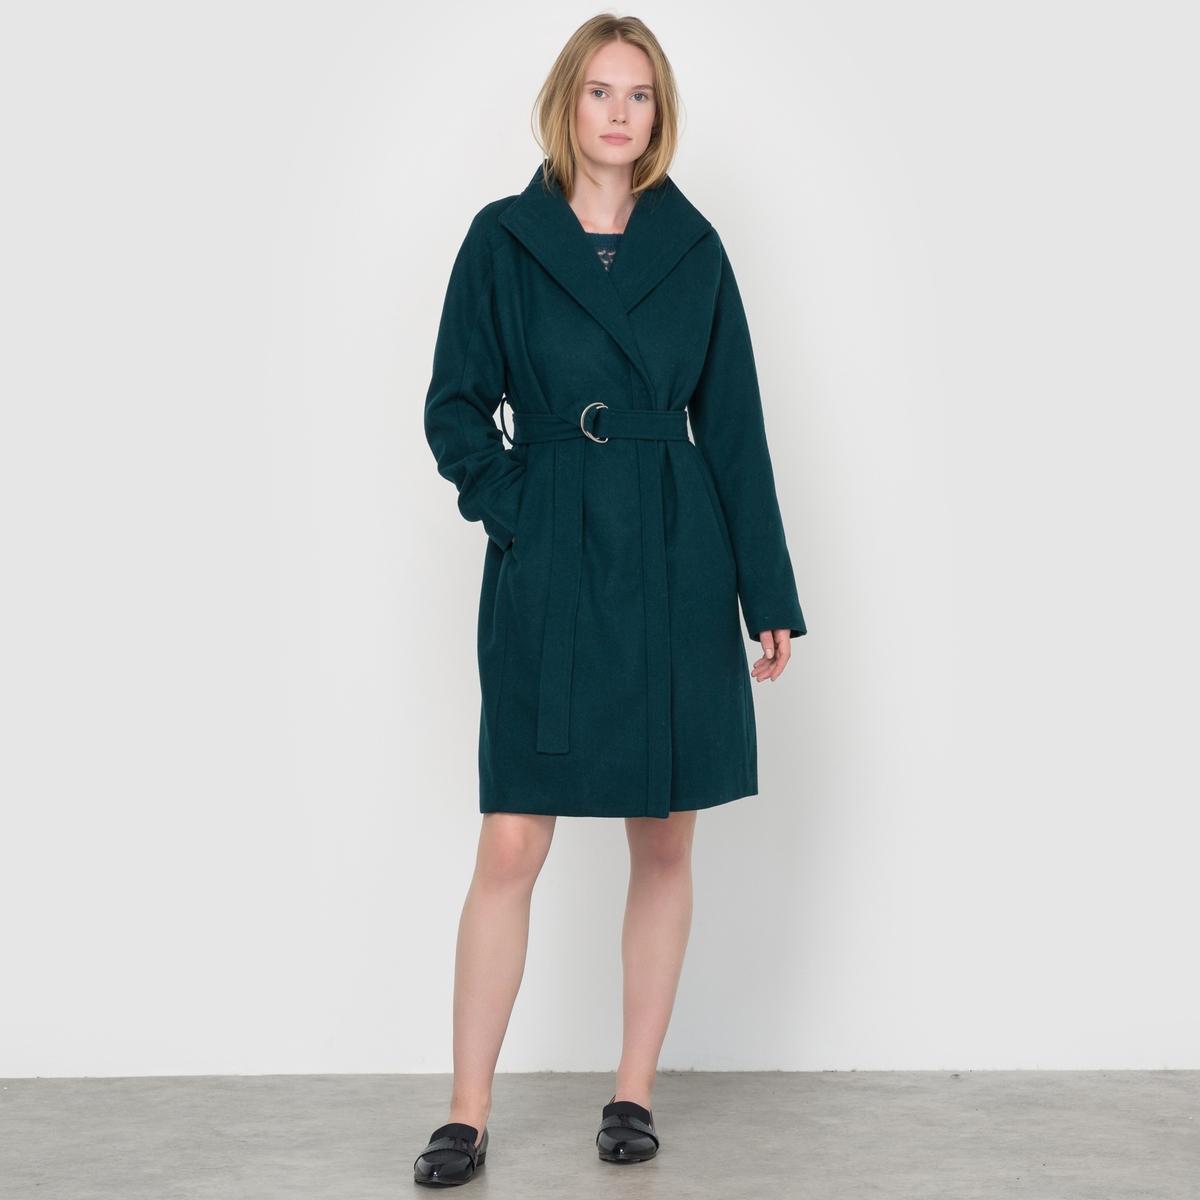 Пальто средней длины TerrisСостав и описаниеМатериал : 60% полиэстера, 40% шерсти.Марка : IchiМодель : TerrisУходСледуйте рекомендациям по уходу, указанным на ярлыке изделия<br><br>Цвет: зеленый лесной<br>Размер: M.L